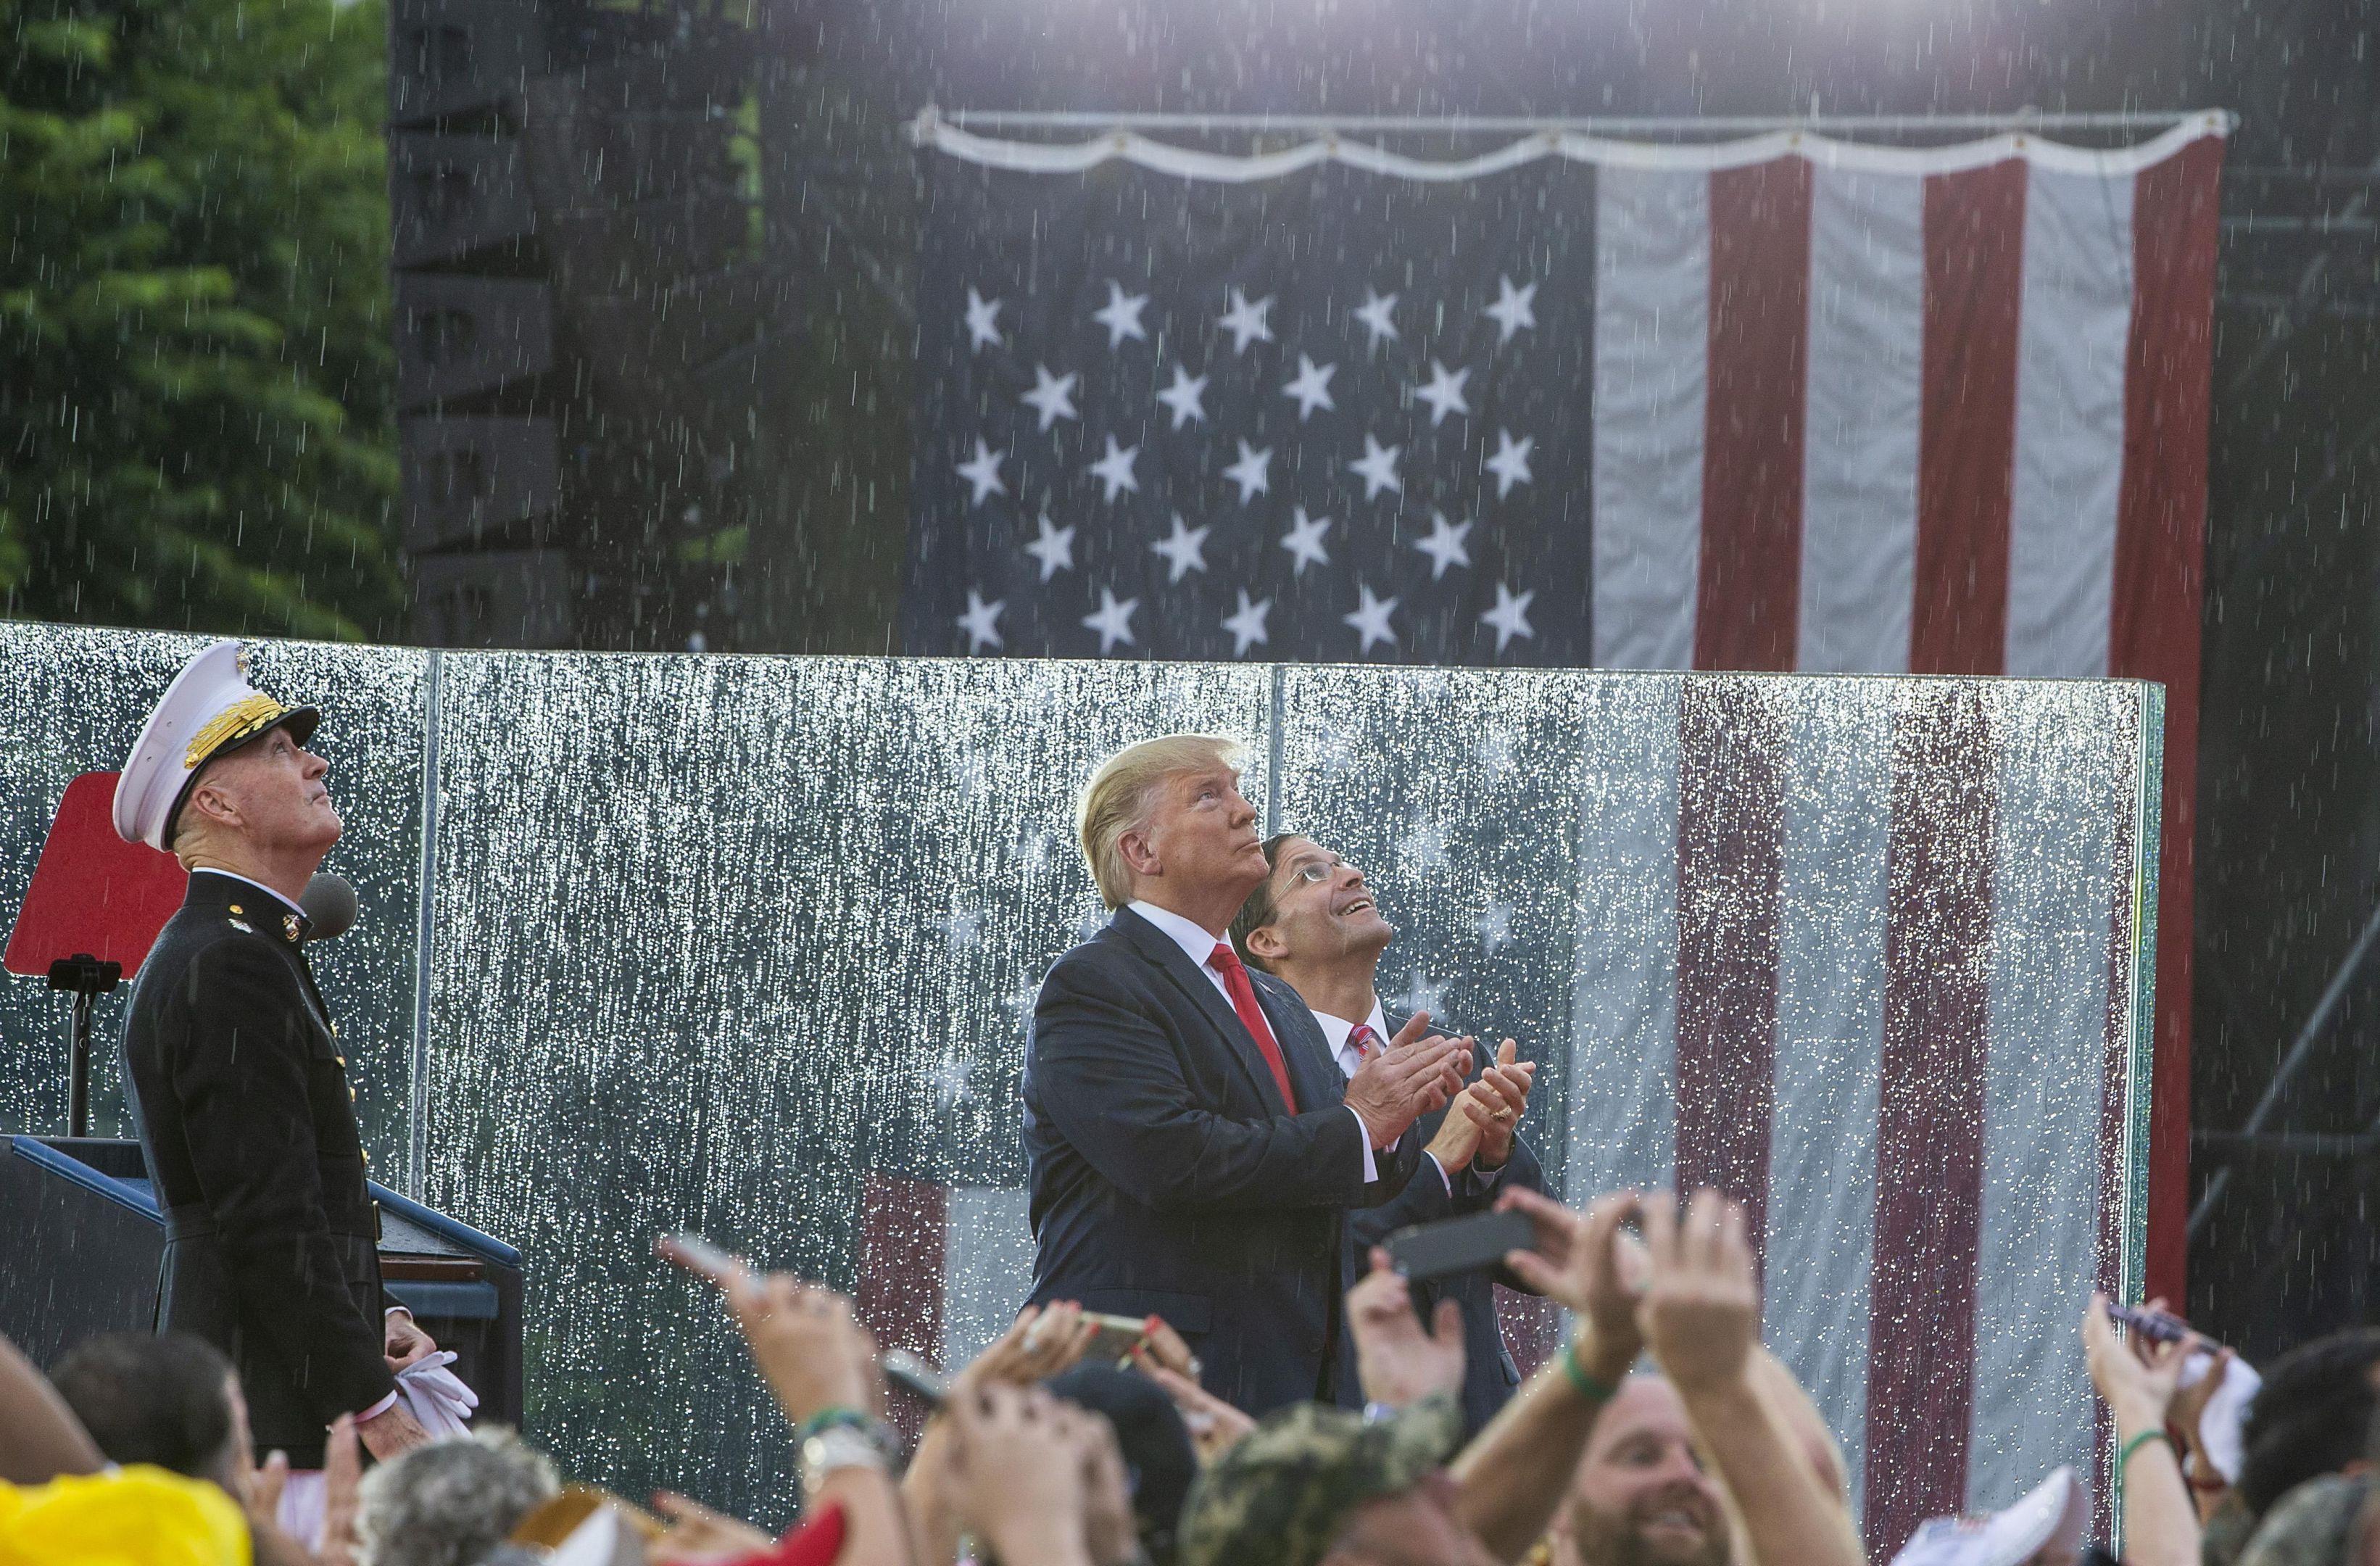 Trump_background.thumb.jpeg.da53c42d6d0400433a7c9496d00796ee.jpeg